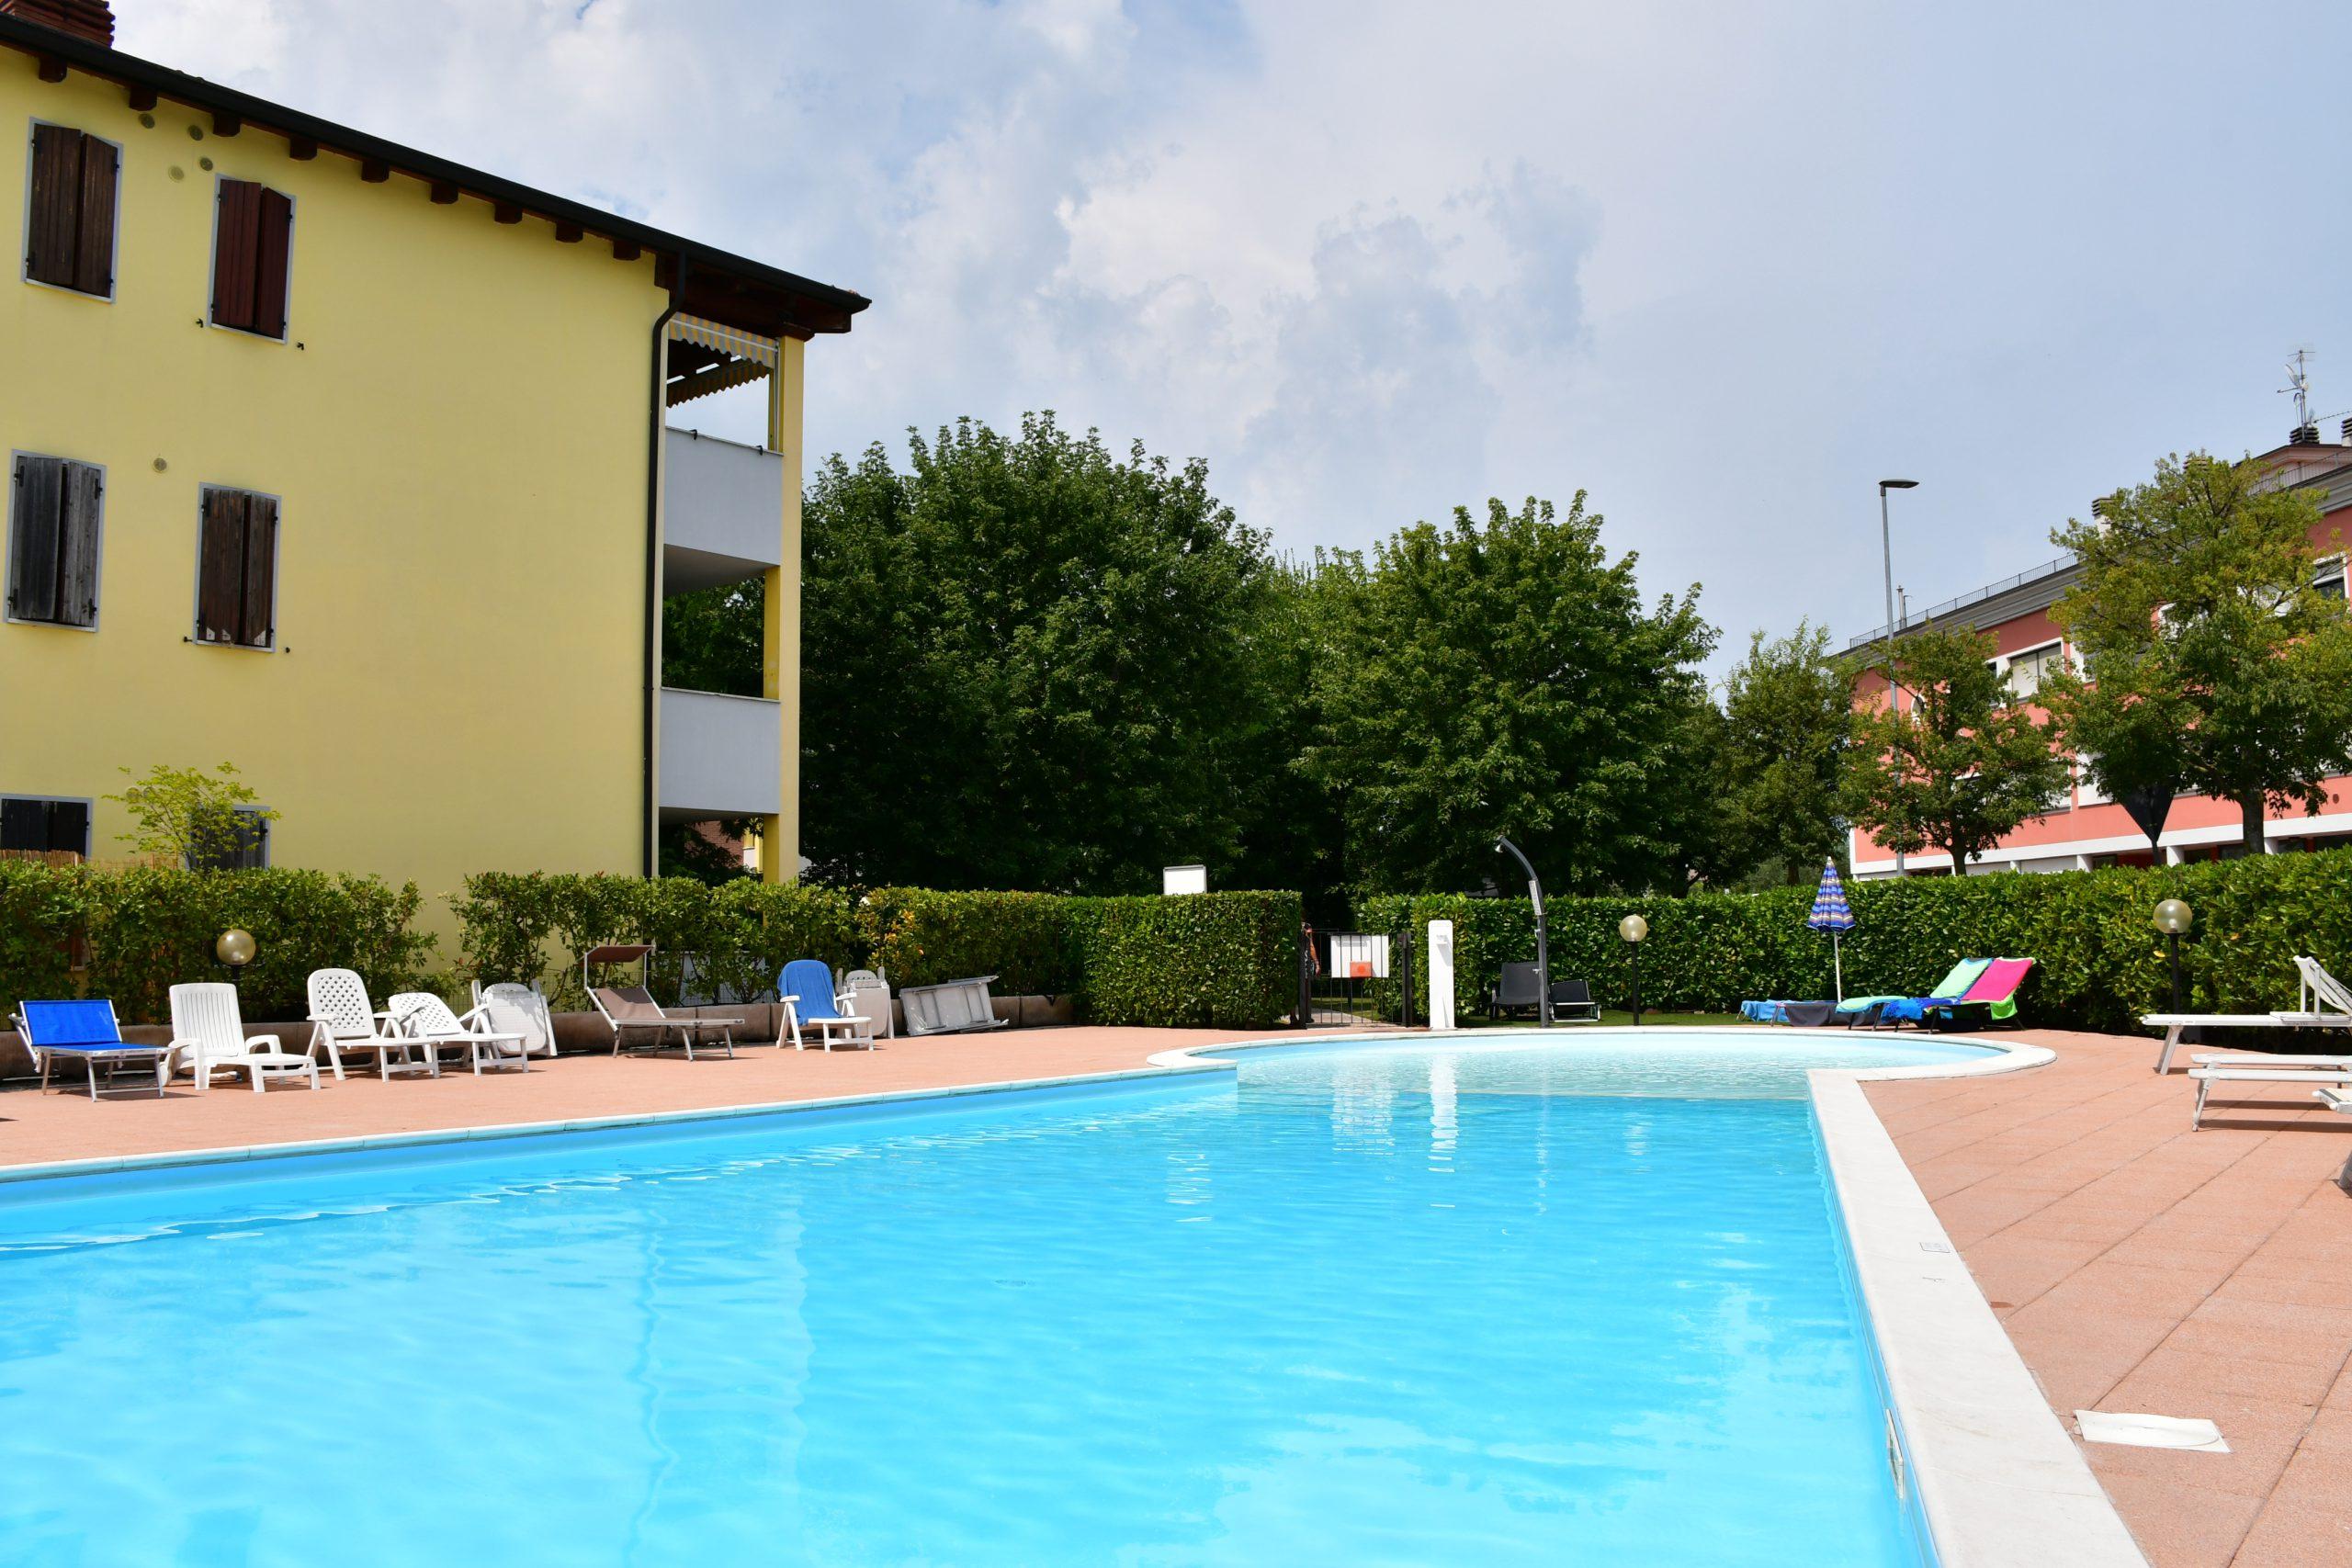 SIMONA'S HOME Apartment in Desenzano and Sirmione - Swimming pool Solarium